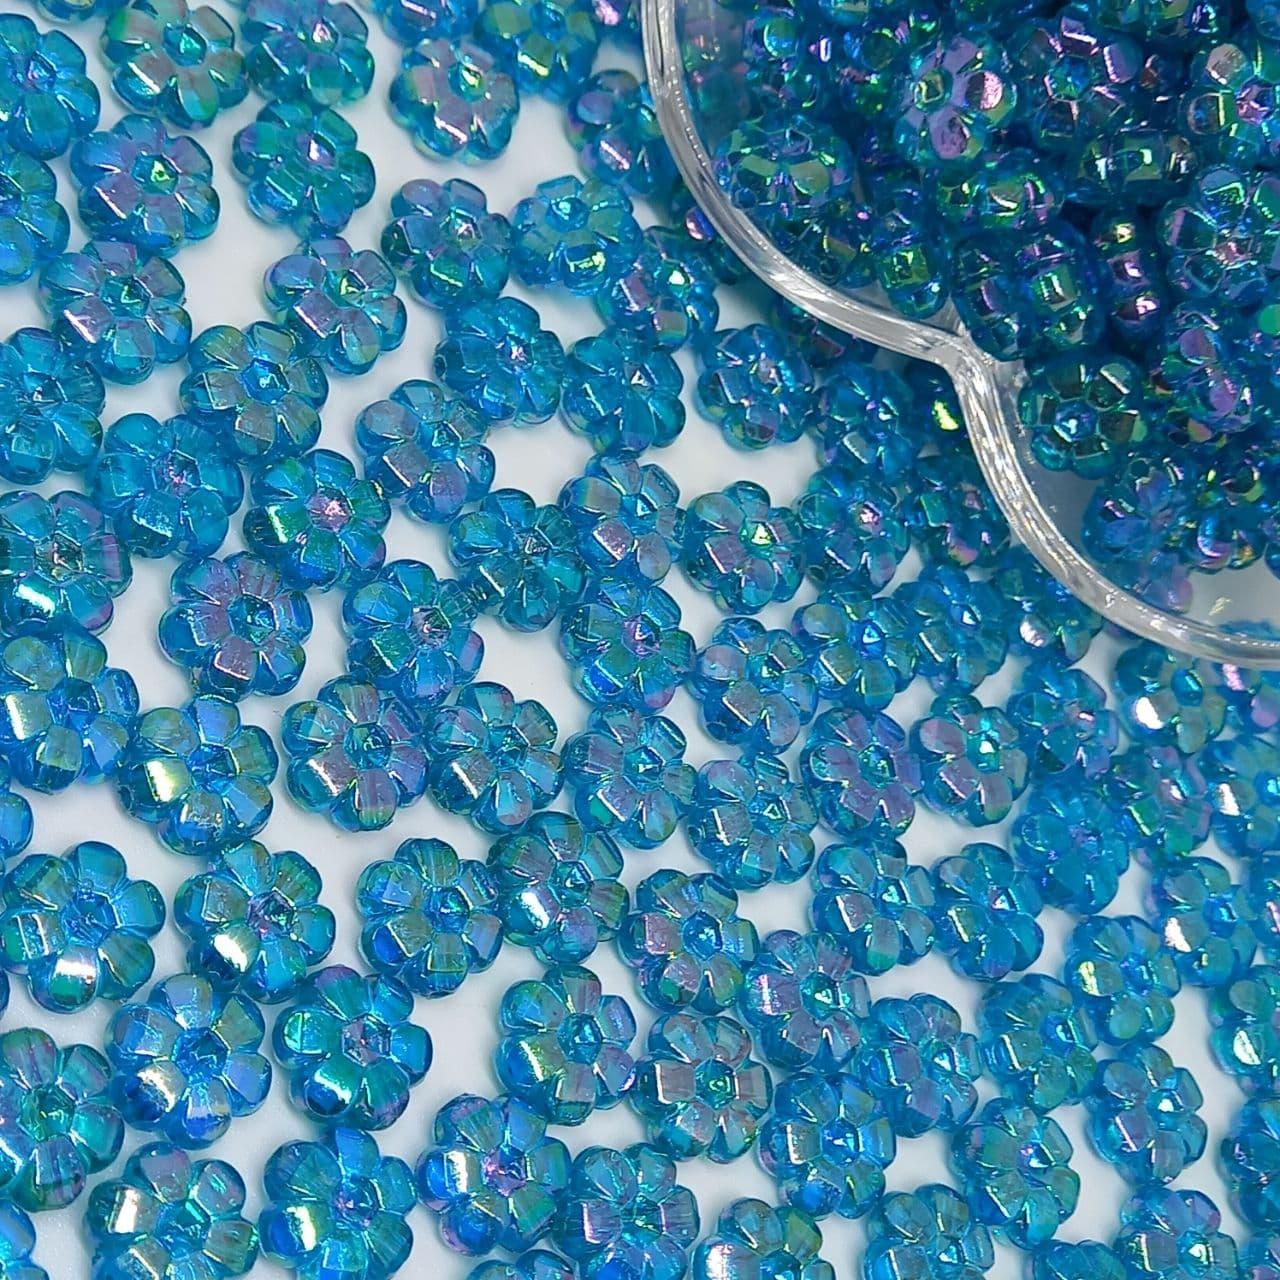 Flor transparente azul irisado 25g - 10mm